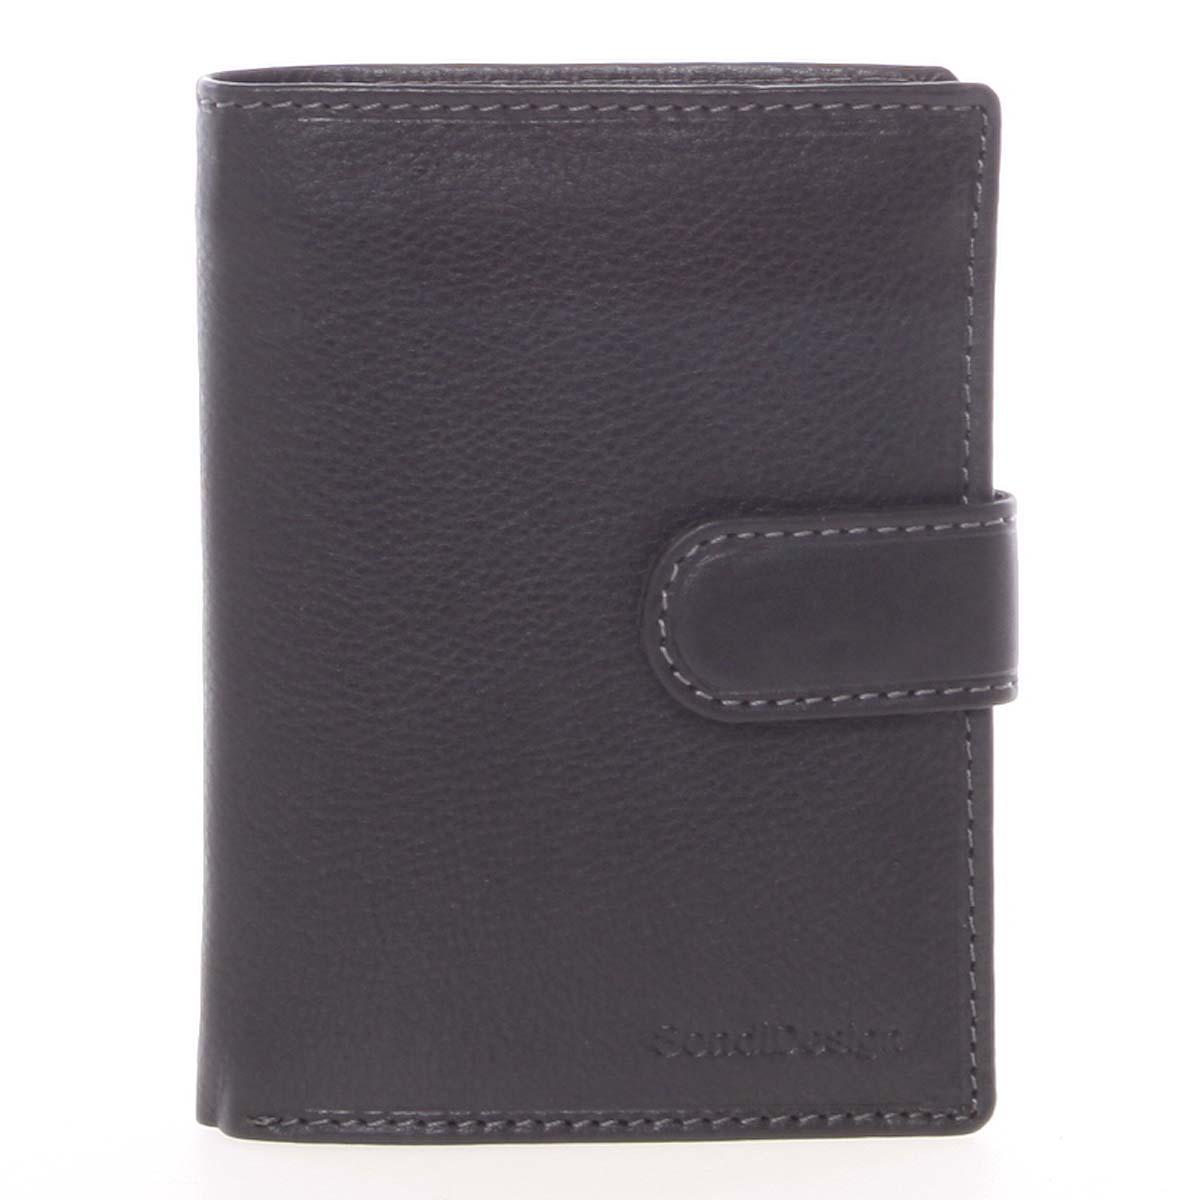 Čierna pánska kožená peňaženka - SendiDesign Sampson čierna